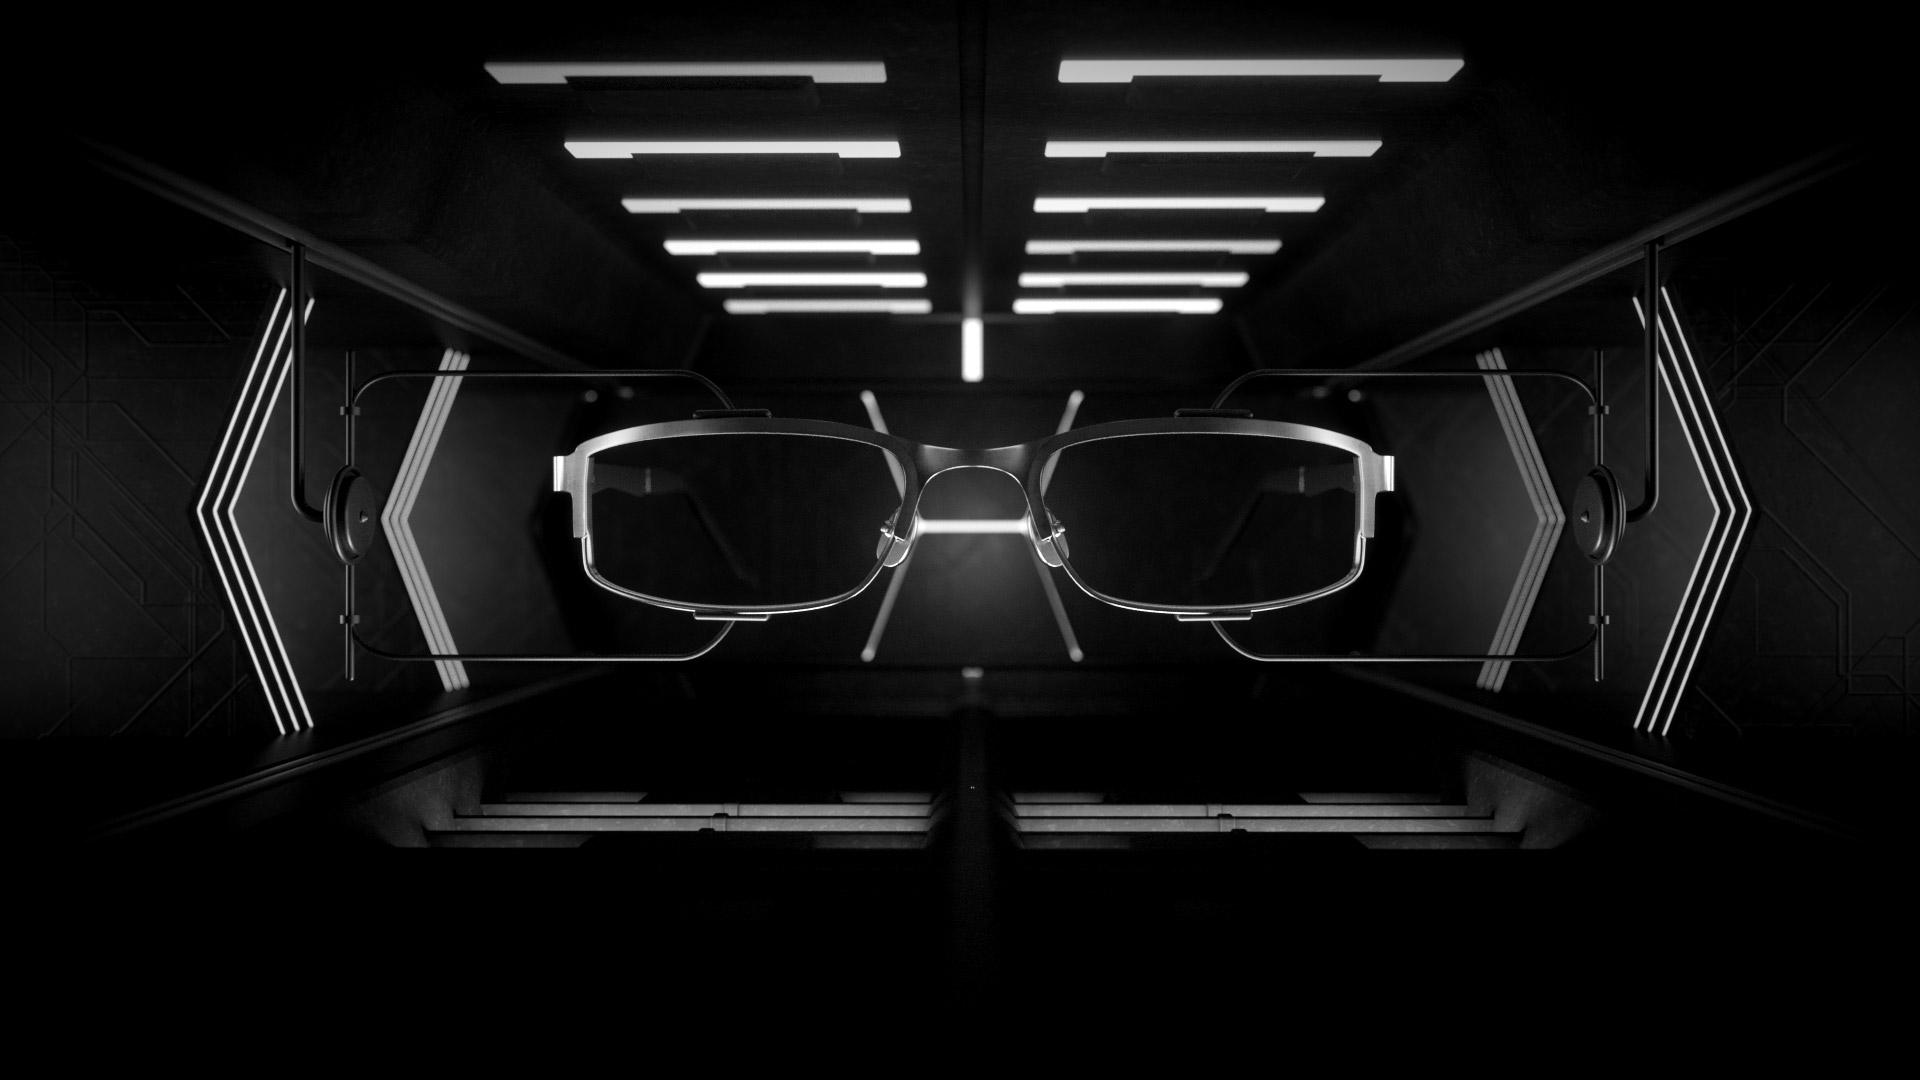 Sunglass-Frame1-rew